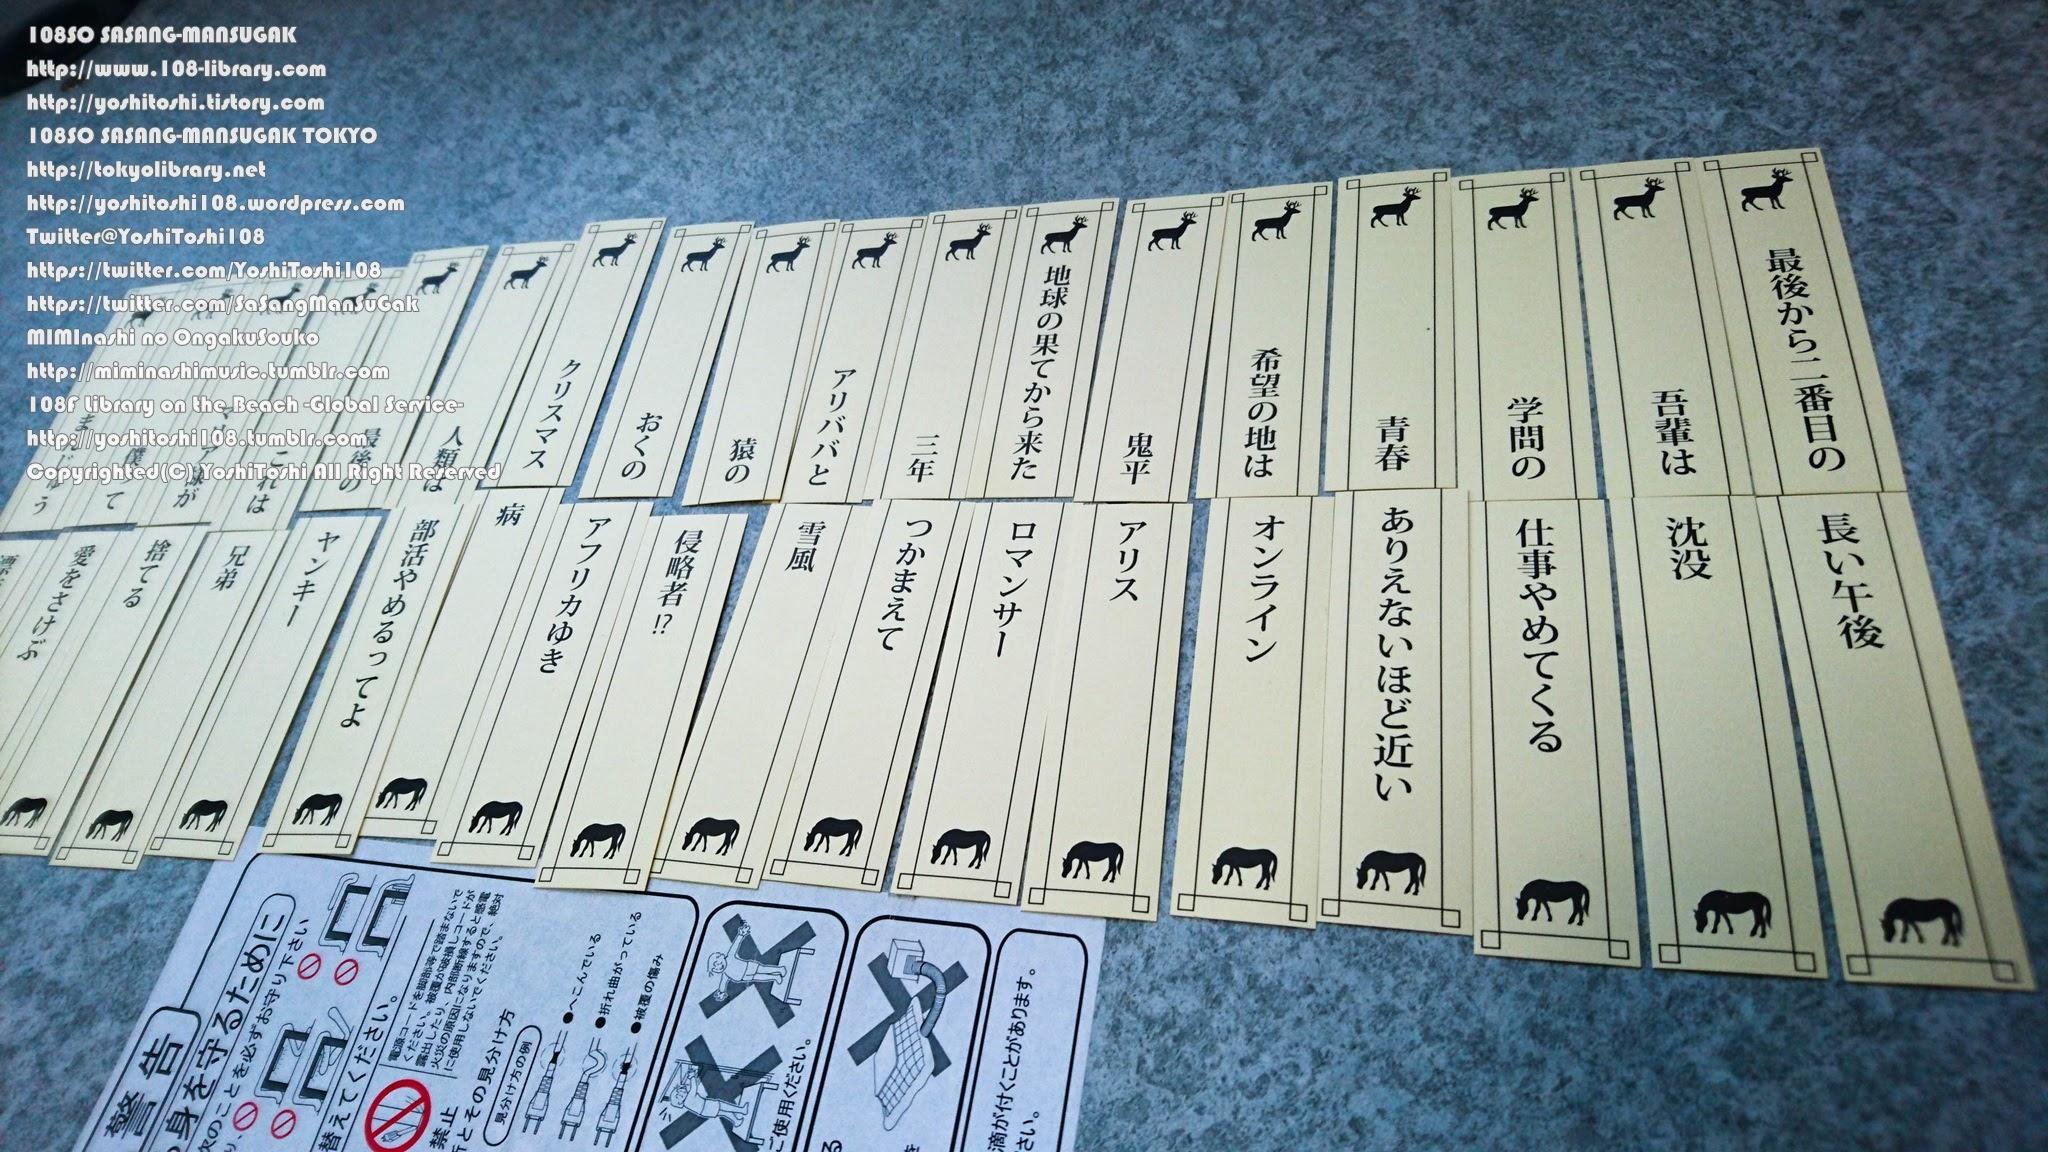 108層 沙上慢書閣 東京本部